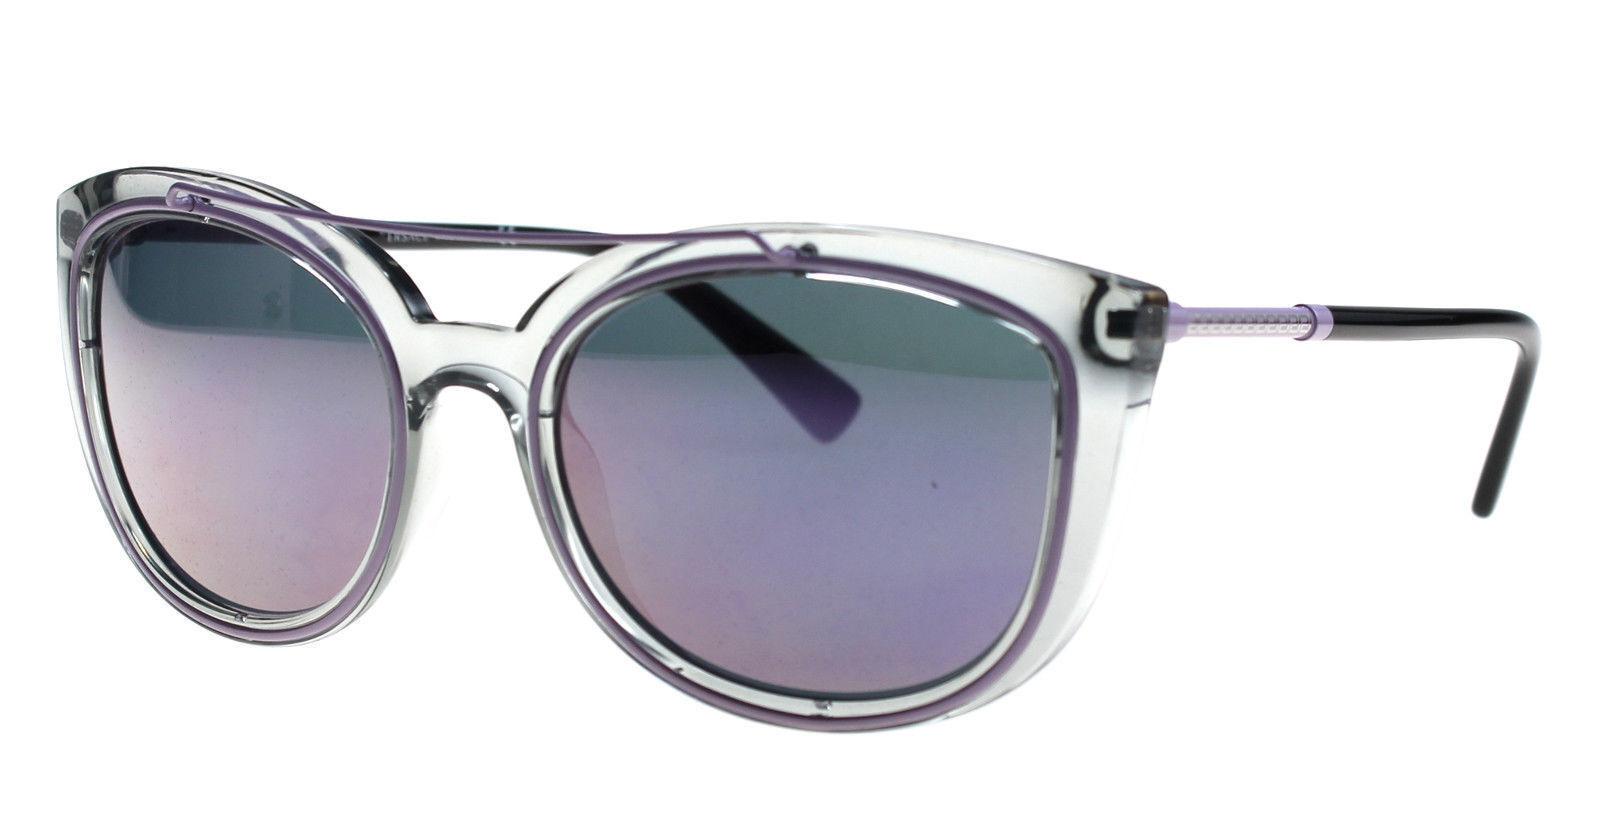 6c7843d1fd80 Authentic Versace Sunglasses Women Ve 4336 52545r Ve4336 for sale online